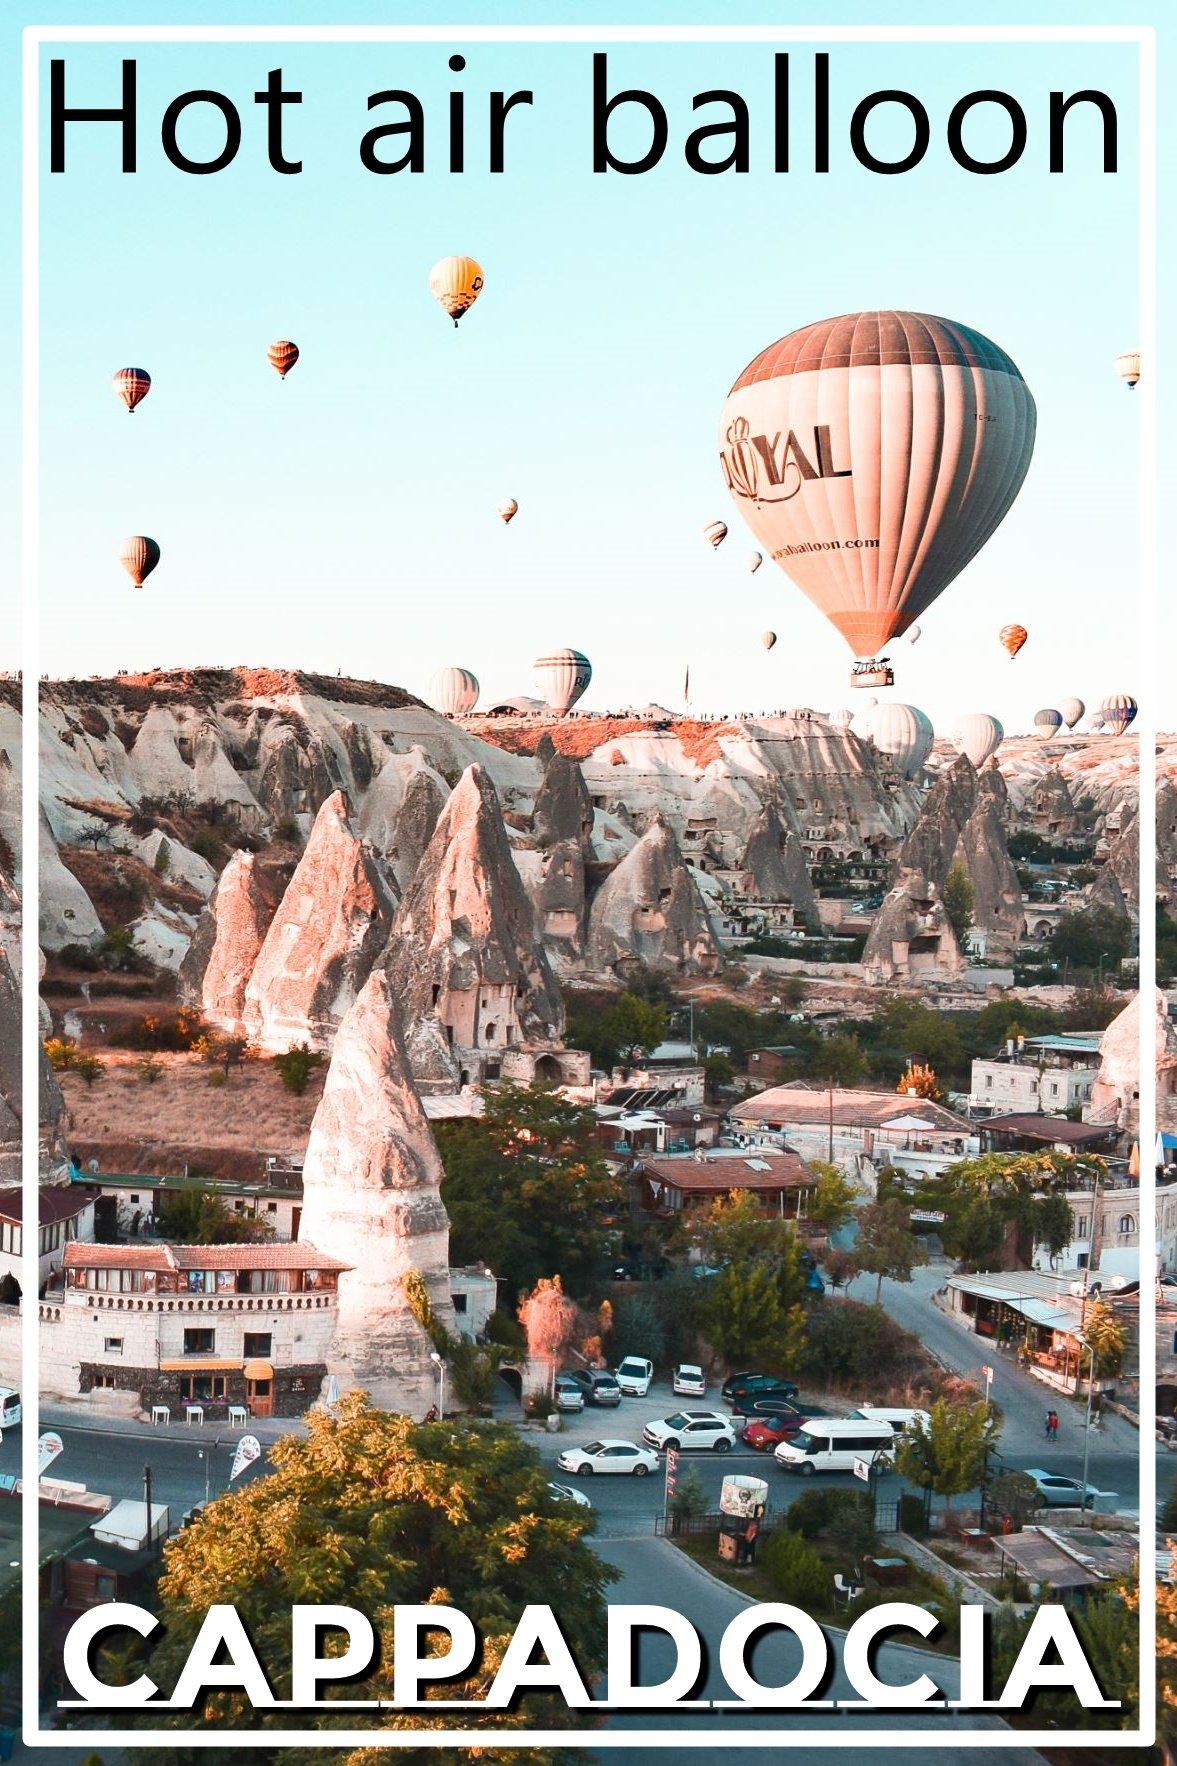 cappadocia hot air baloon